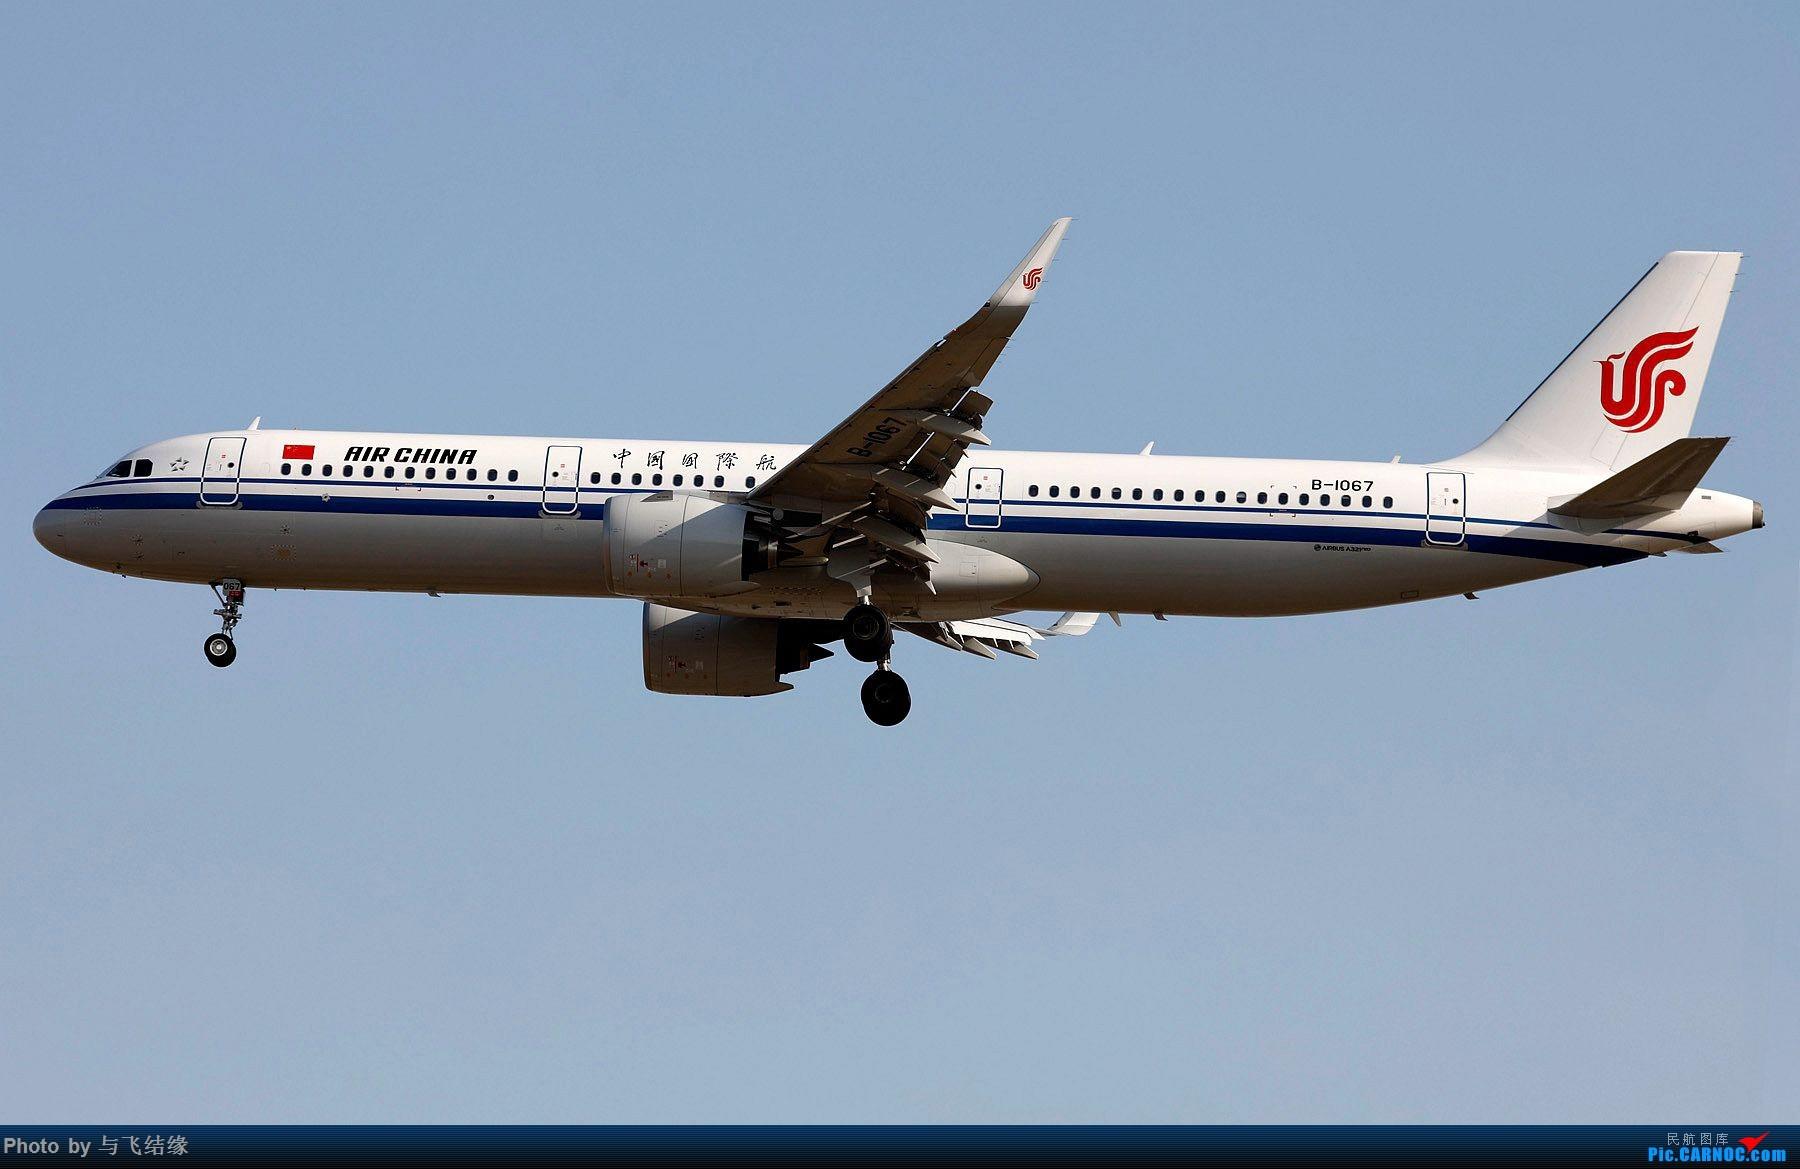 Re:[原创]近期的几张图,以空客为主吧。 AIRBUS A321NEO B-1067 中国北京首都国际机场